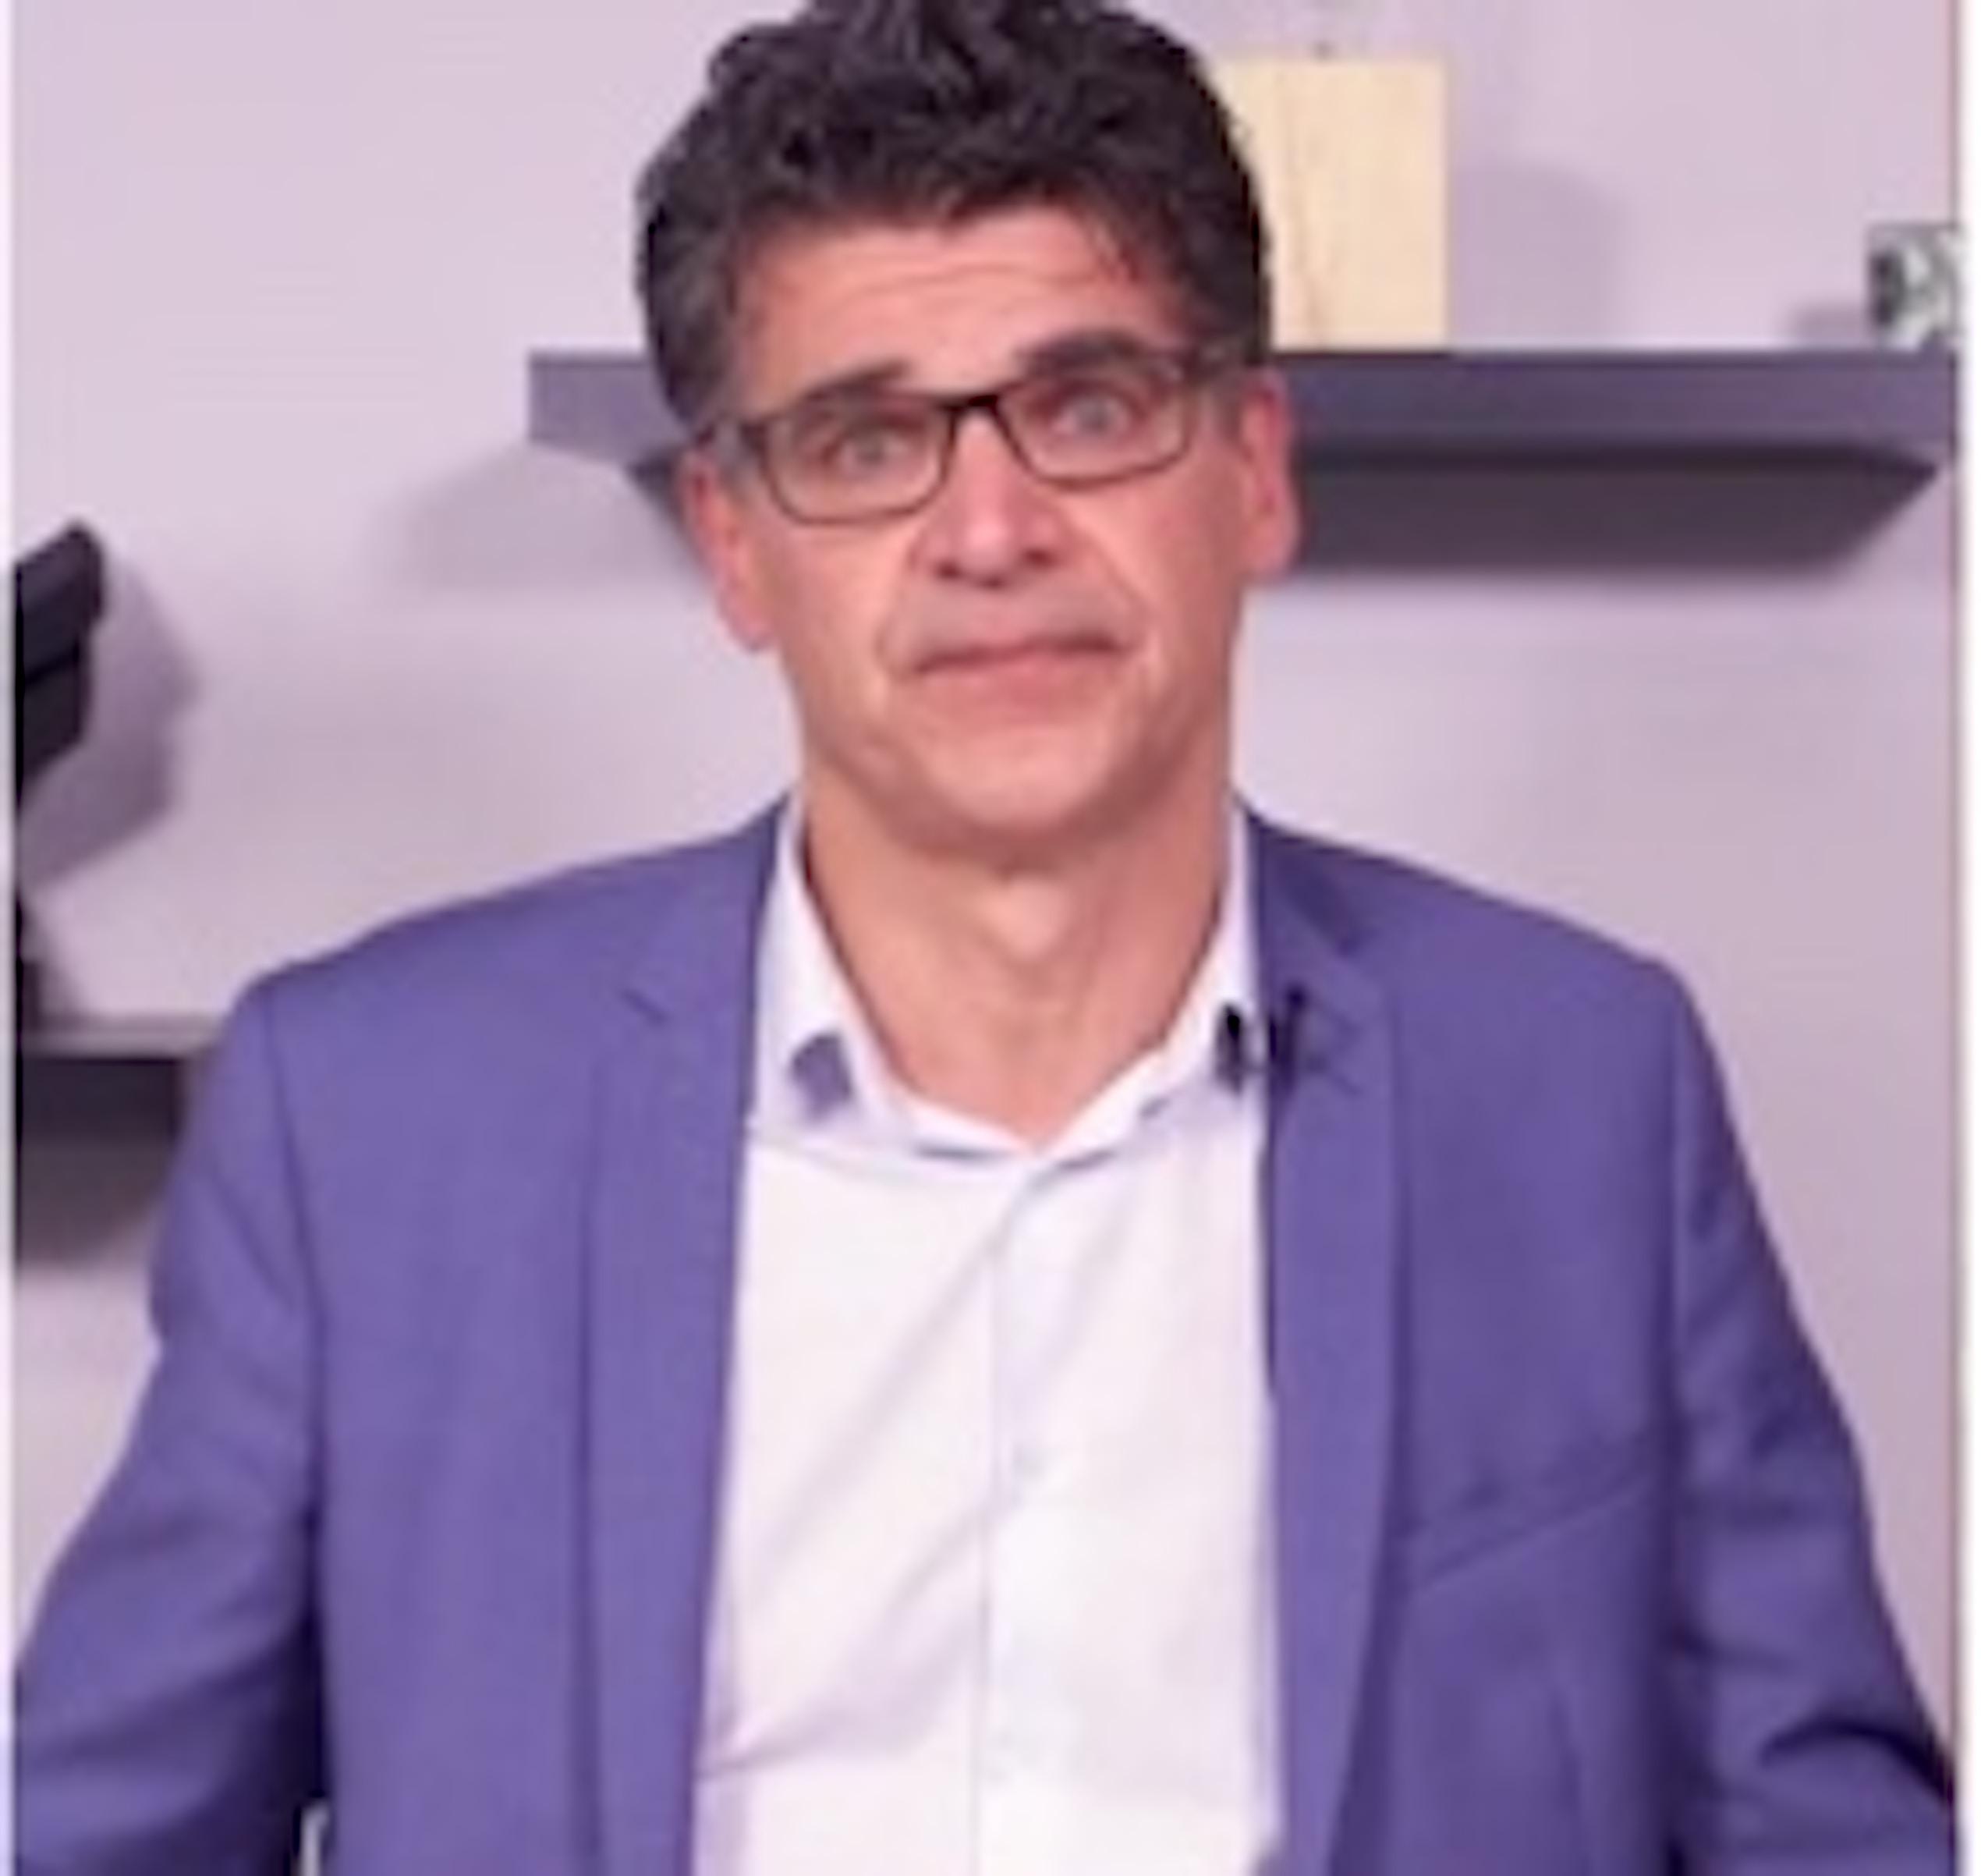 Bernard Augris